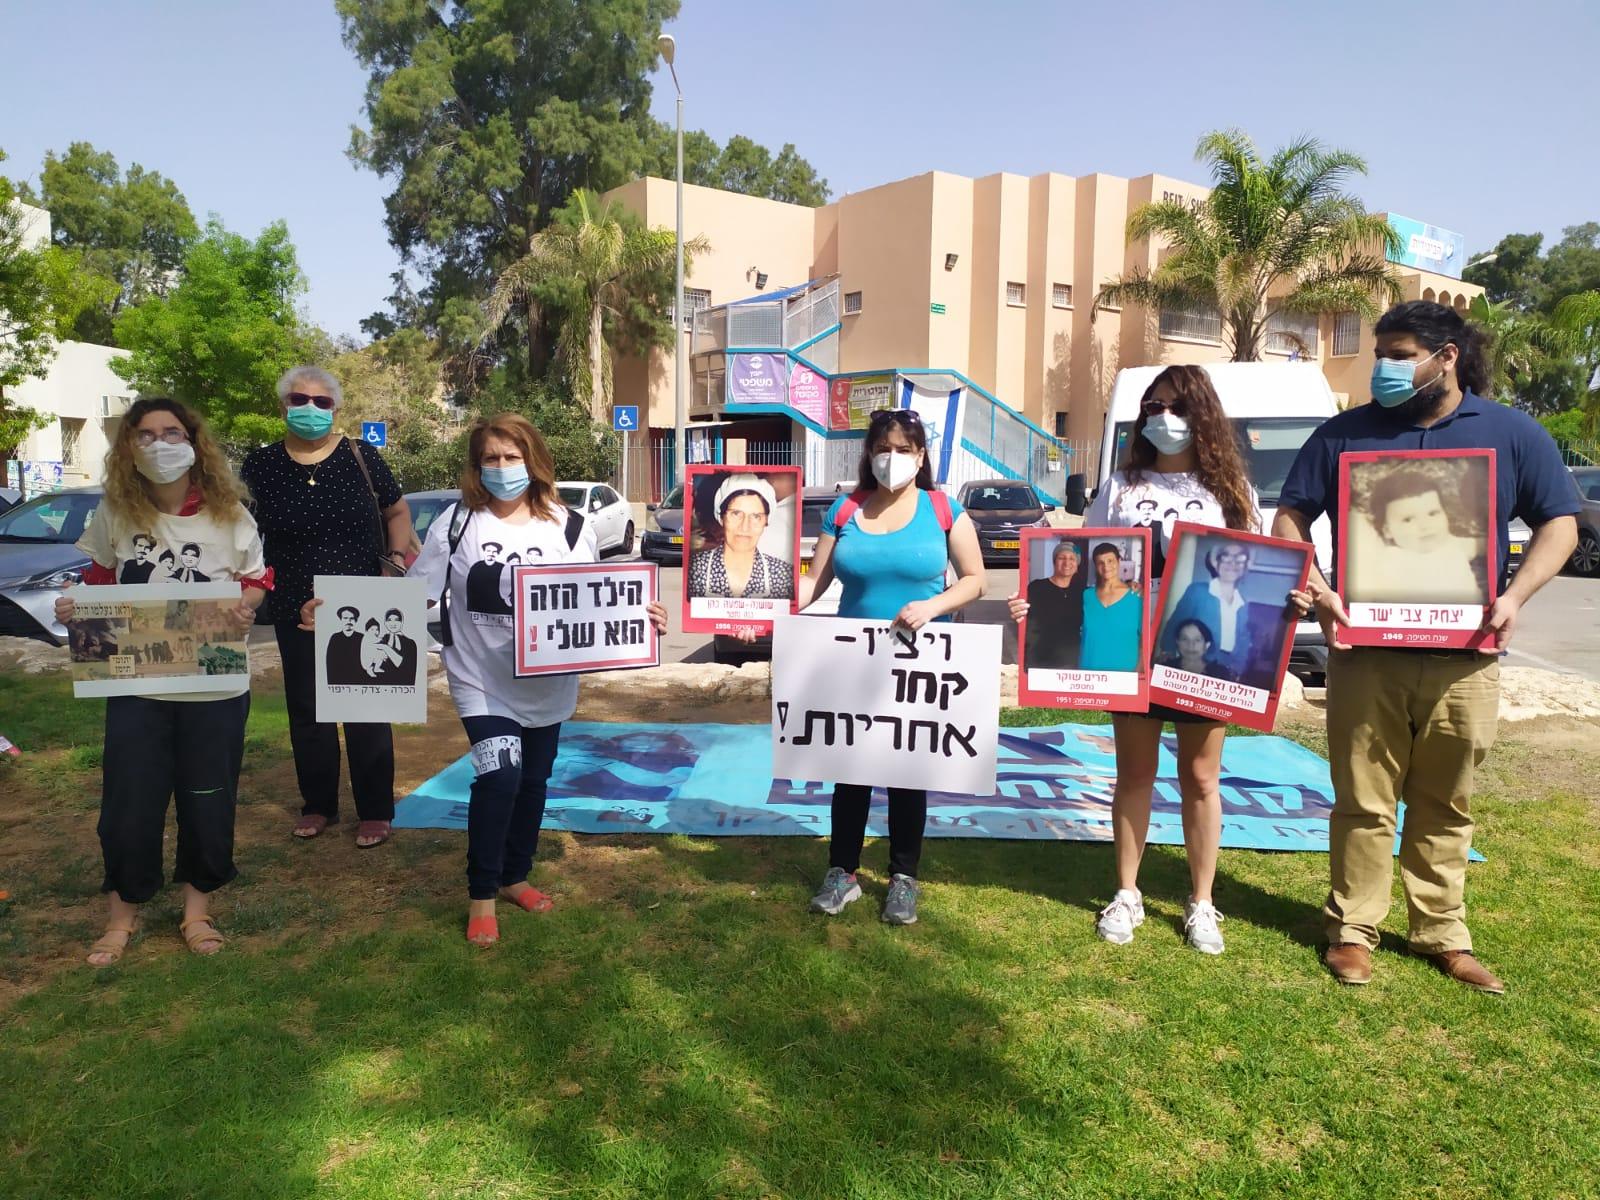 מחאה מול סניף ויצו באר שבע לציון יום המודעות השנתי לחטיפת ילדי תימן, המזרח והבלקן, ב-21 ביוני 2020 (צילום:אורן זיו)